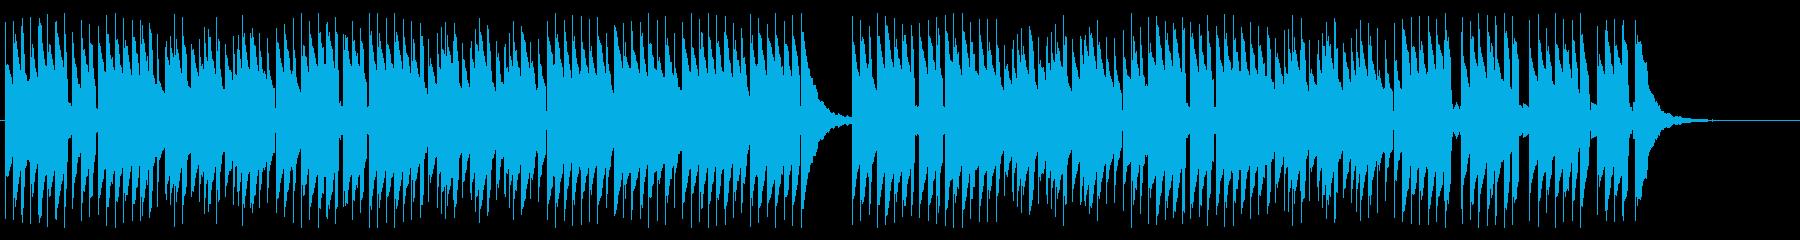 子供の音楽、子供の音楽、ノベルティ...の再生済みの波形